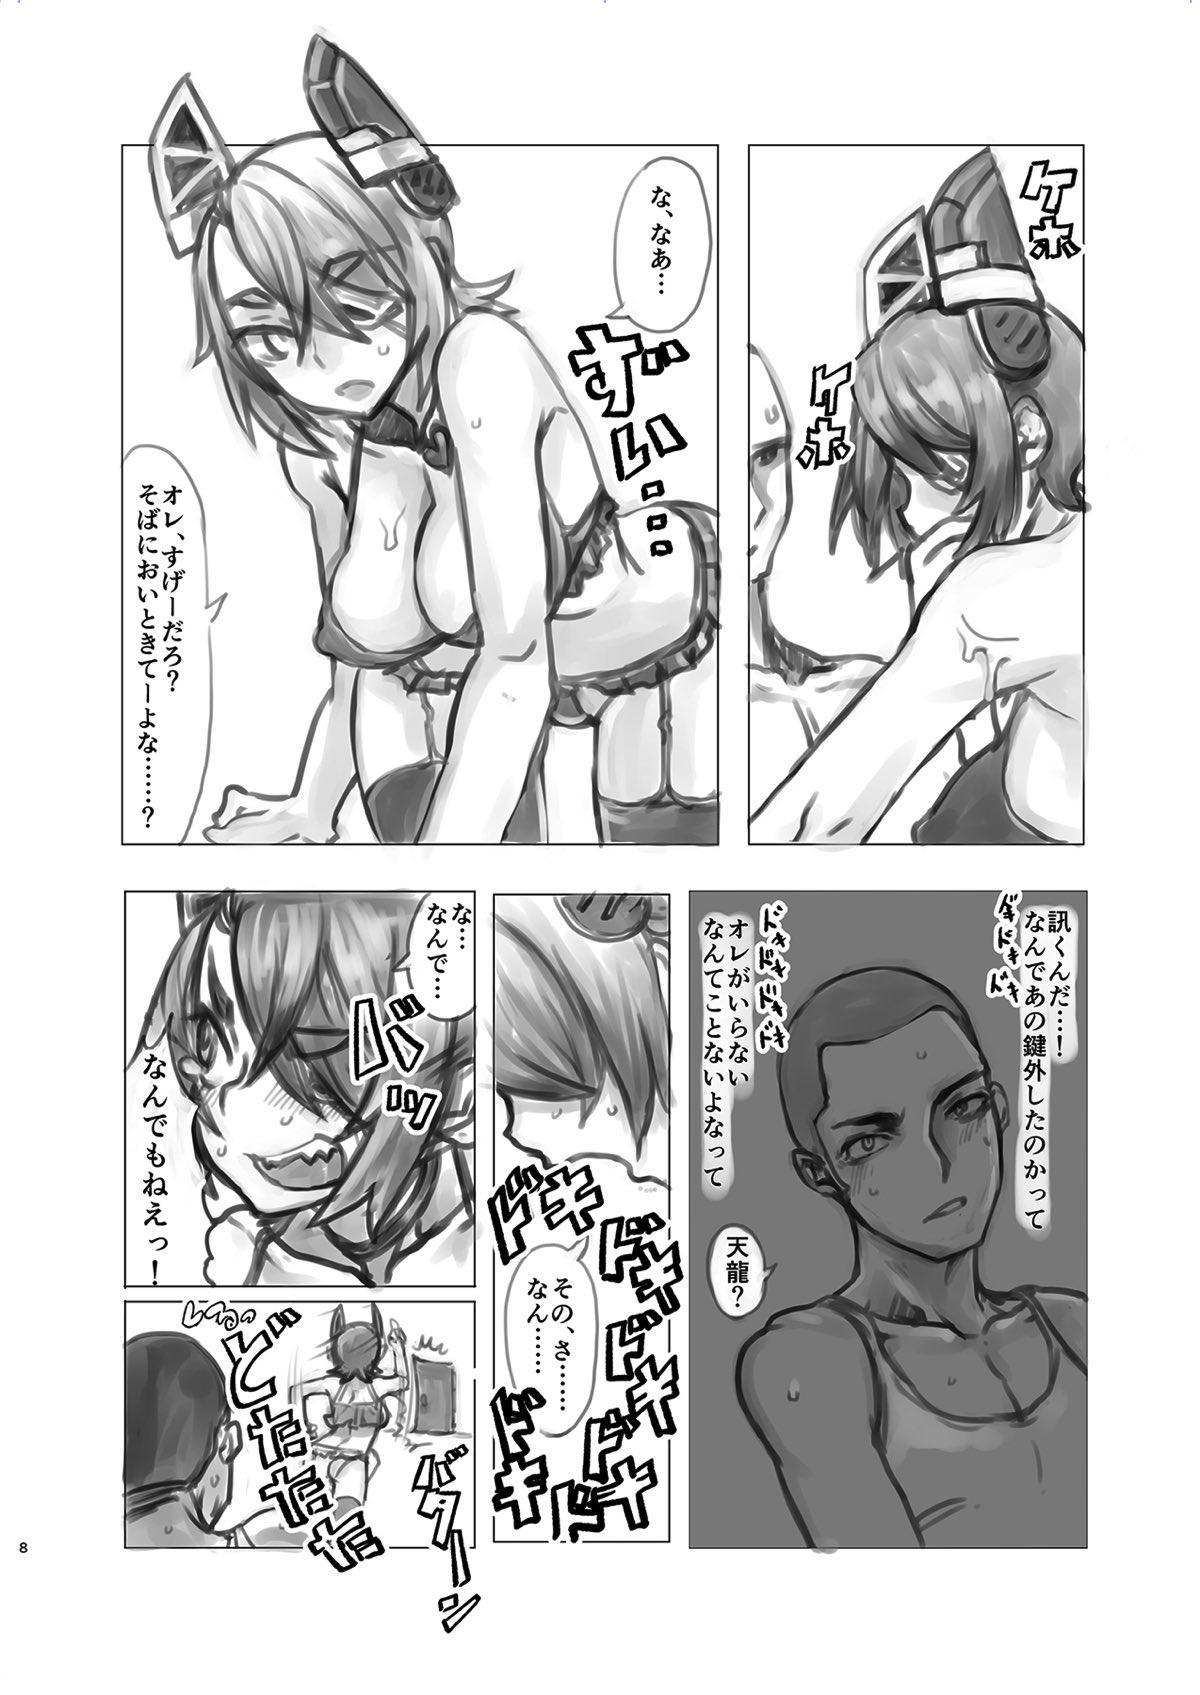 Tenryuu-chan no Momoiro Daisakusen 6